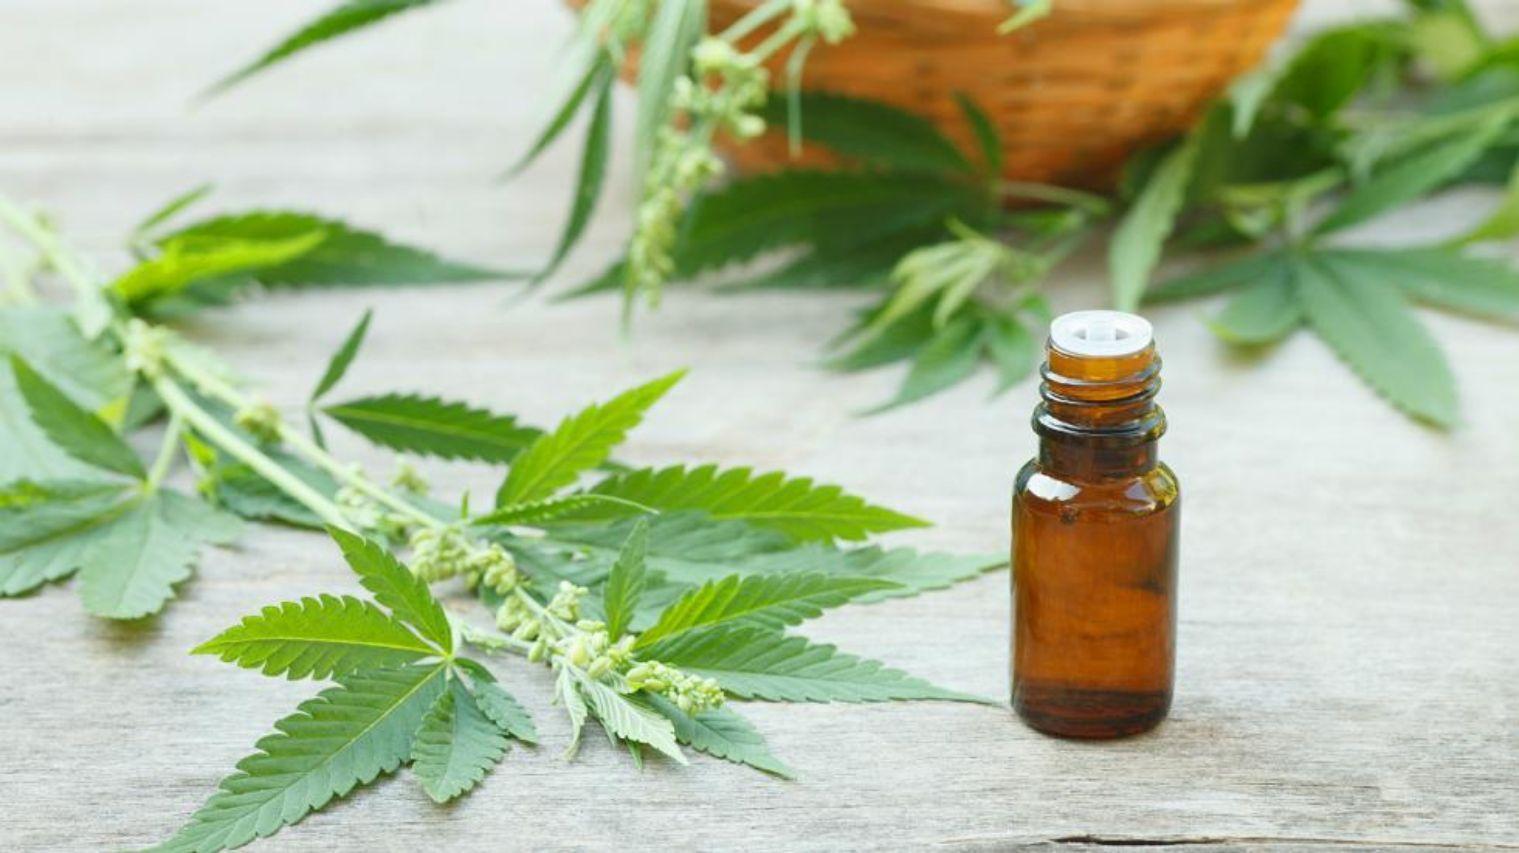 Aceite de cannabis ya está a la venta en Paraguay